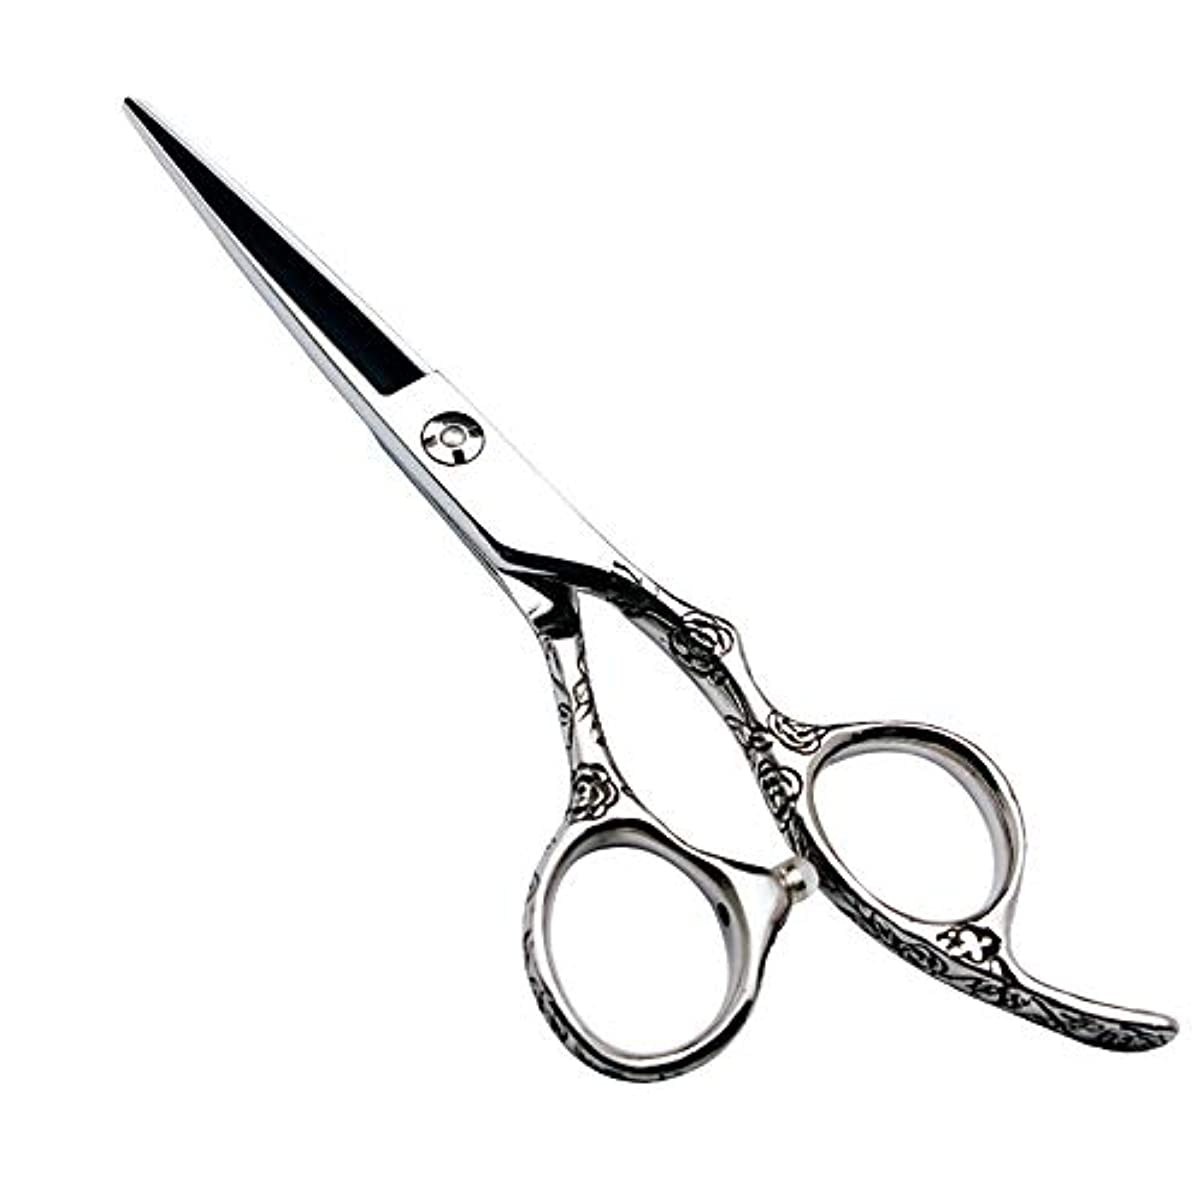 申し立てアウトドアまとめるGoodsok-jp 6インチの美容院の専門の理髪セットの理髪はさみのローズハンドル440C (色 : Silver)